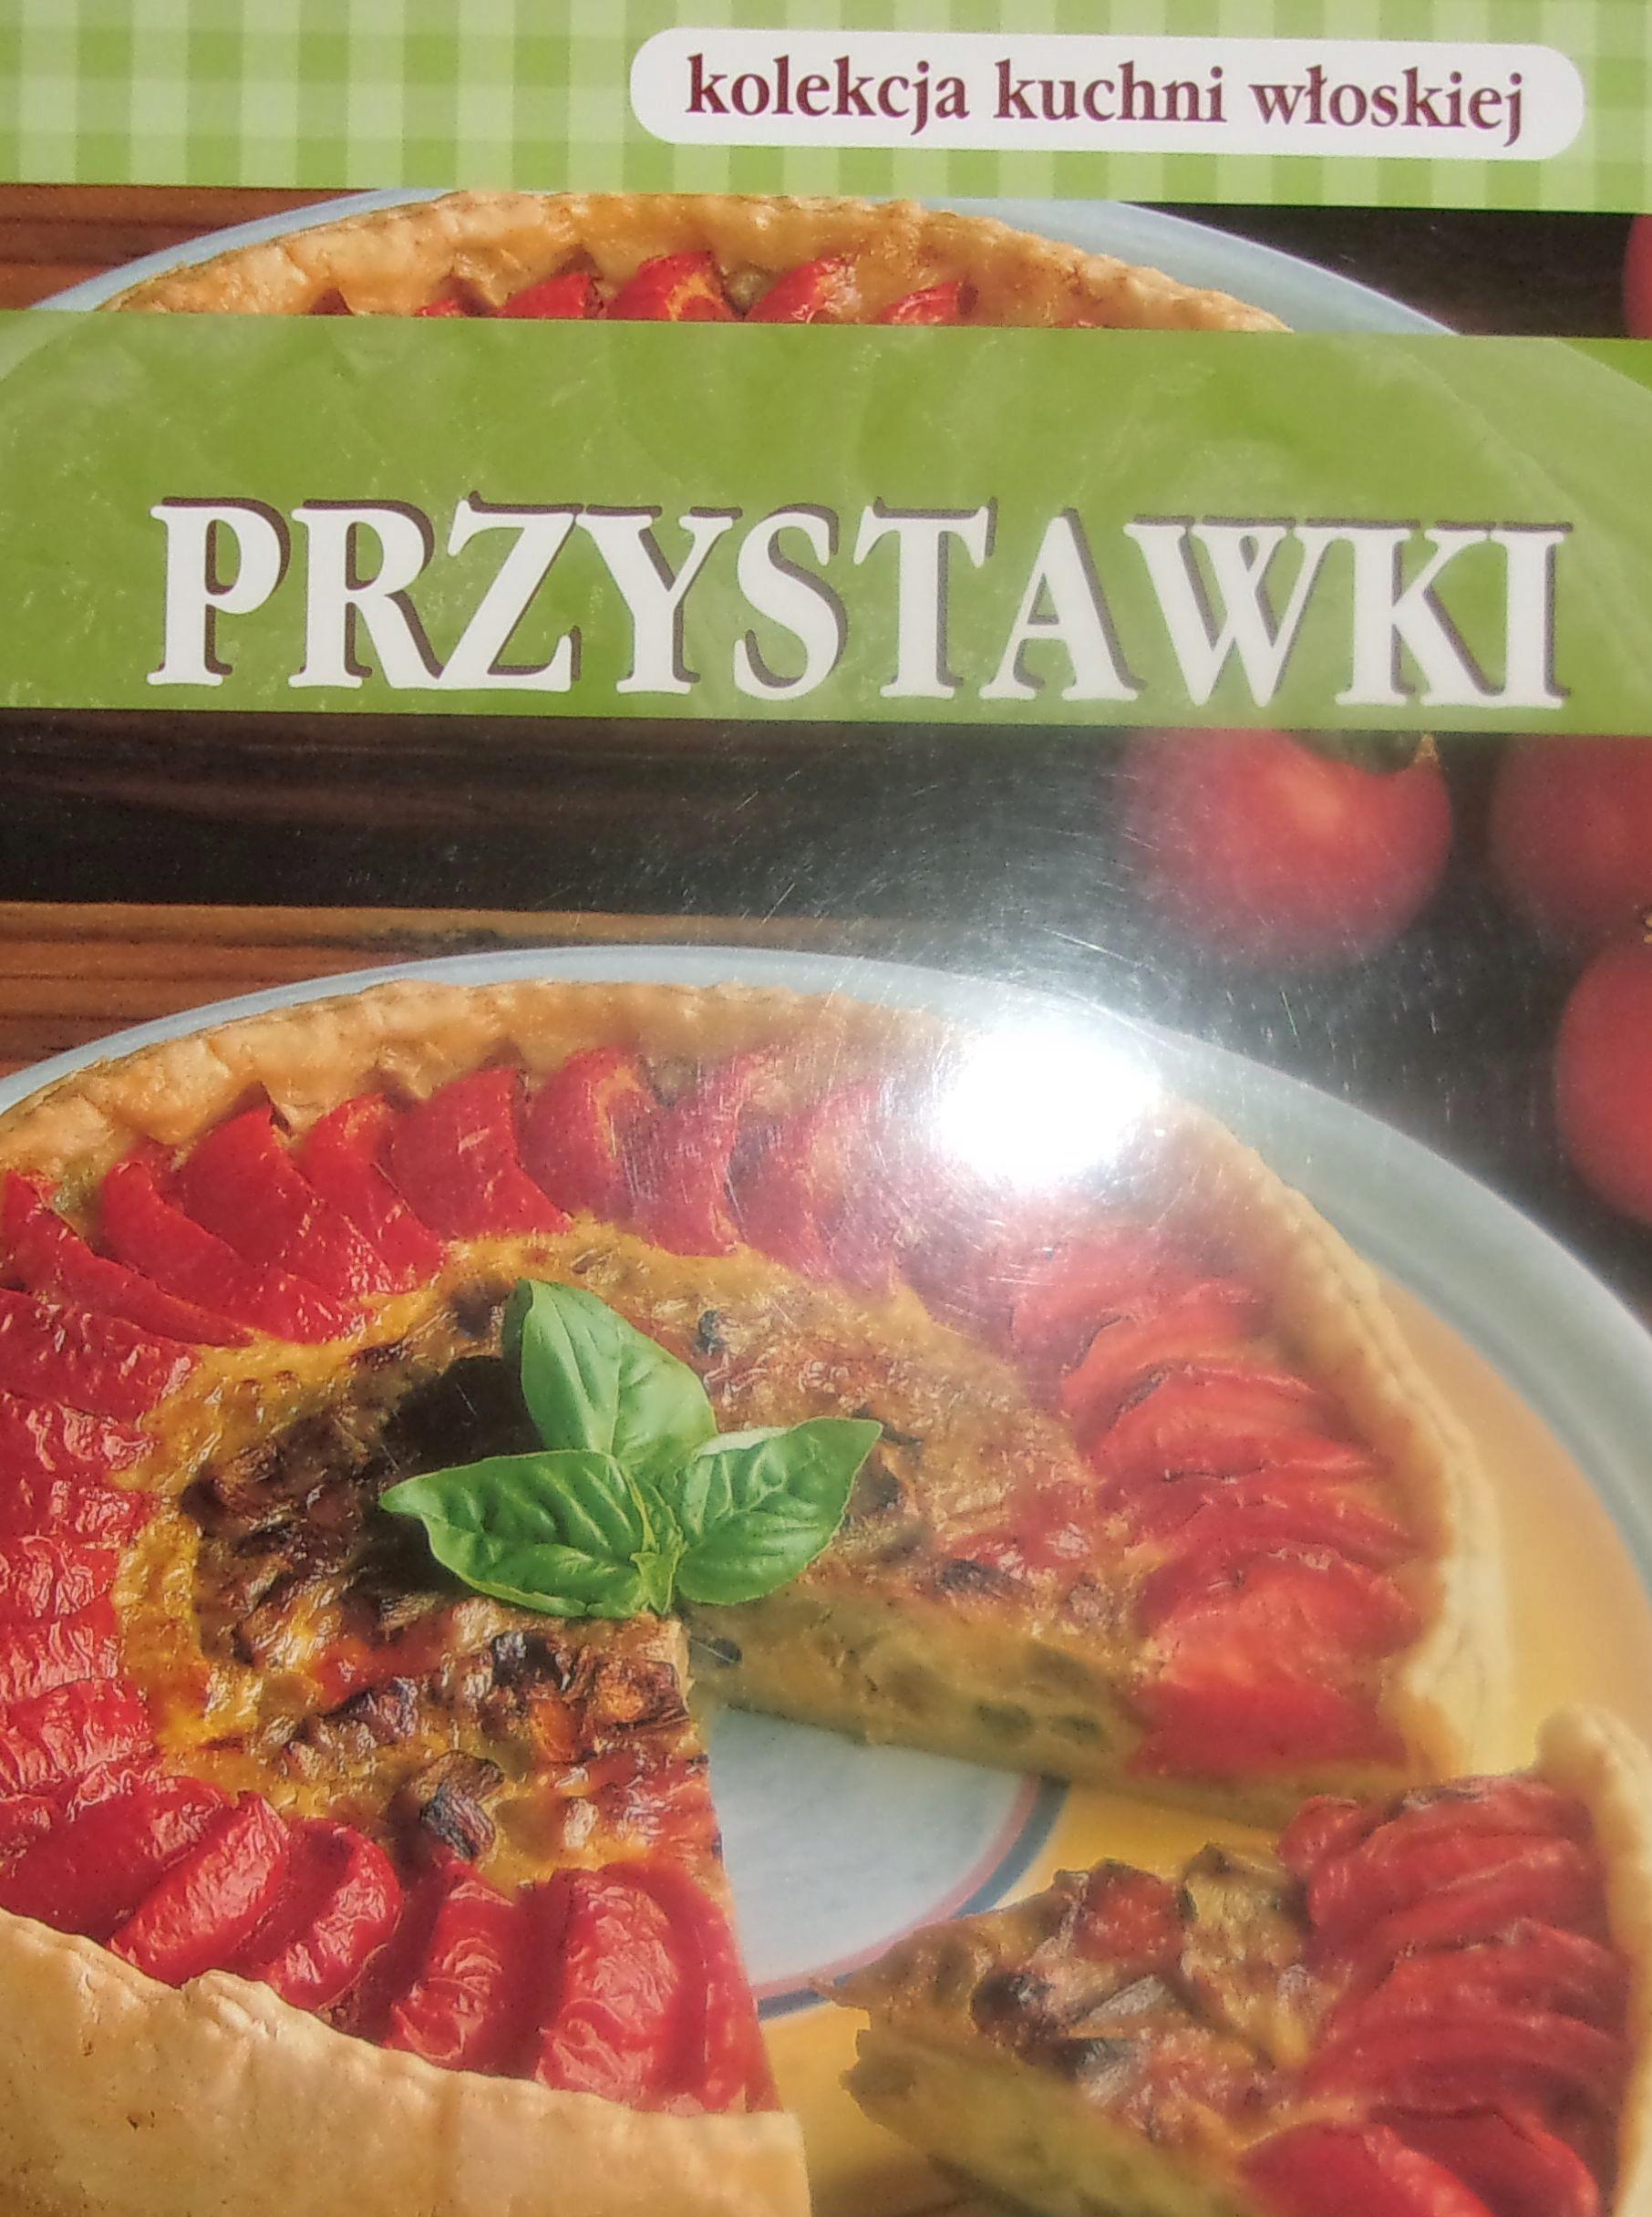 Kolekcja Kuchni Włoskiej Przystawki 7599101683 Oficjalne